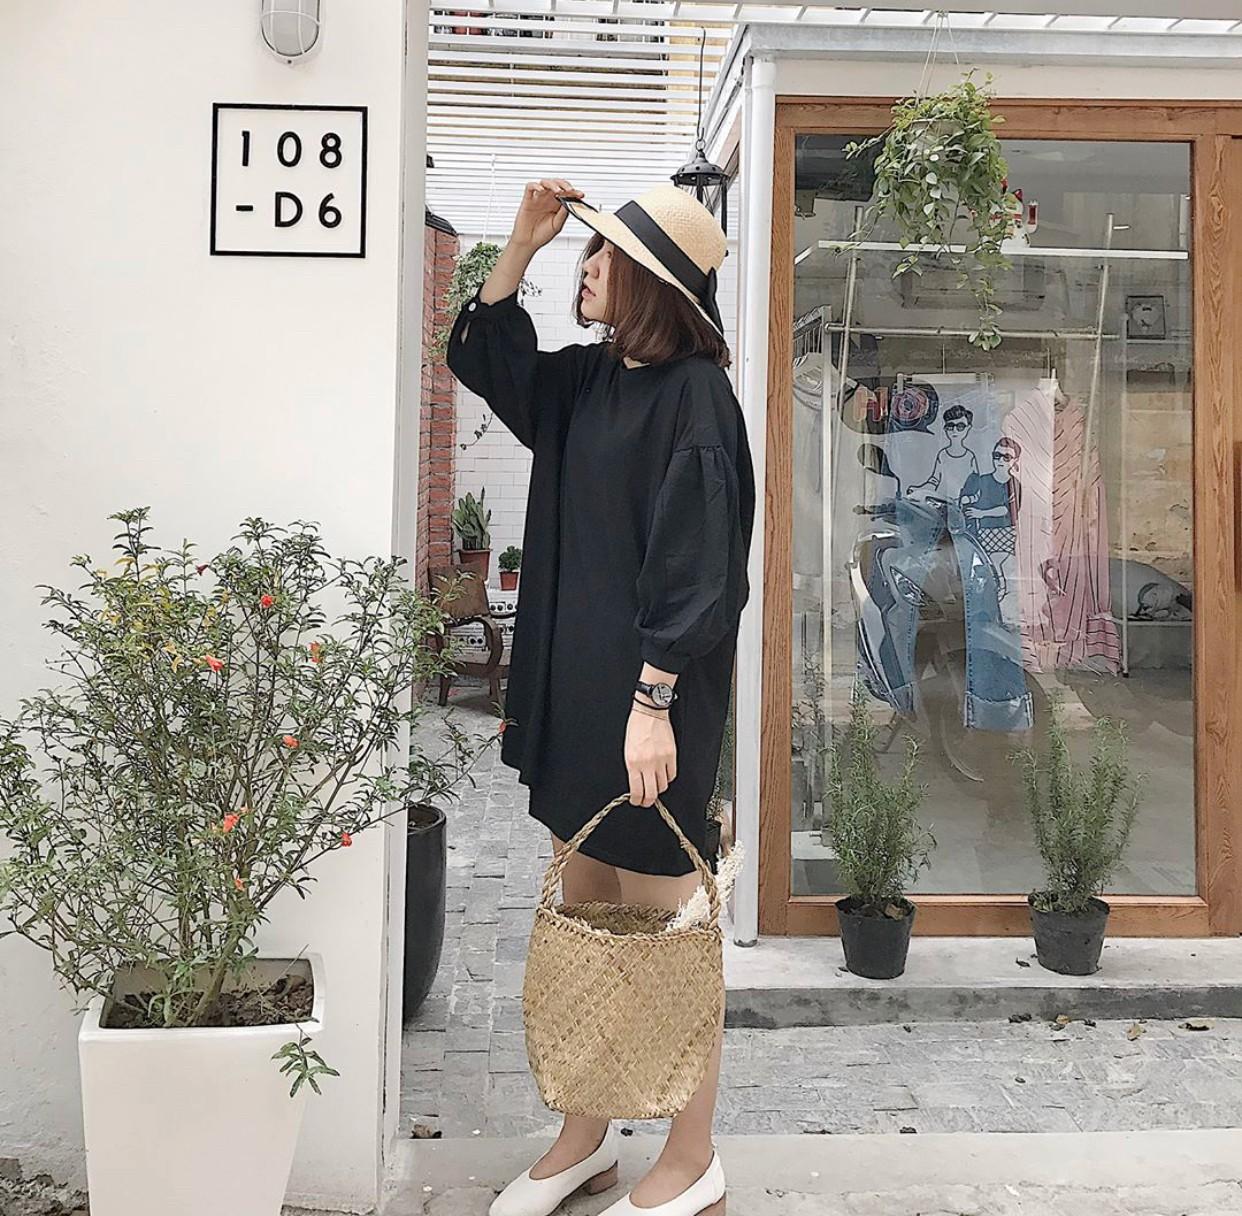 Ngoài quán cà phê, giới trẻ Việt Nam giờ còn ùn ùn đến các shop quần áo để chụp ảnh - Ảnh 17.